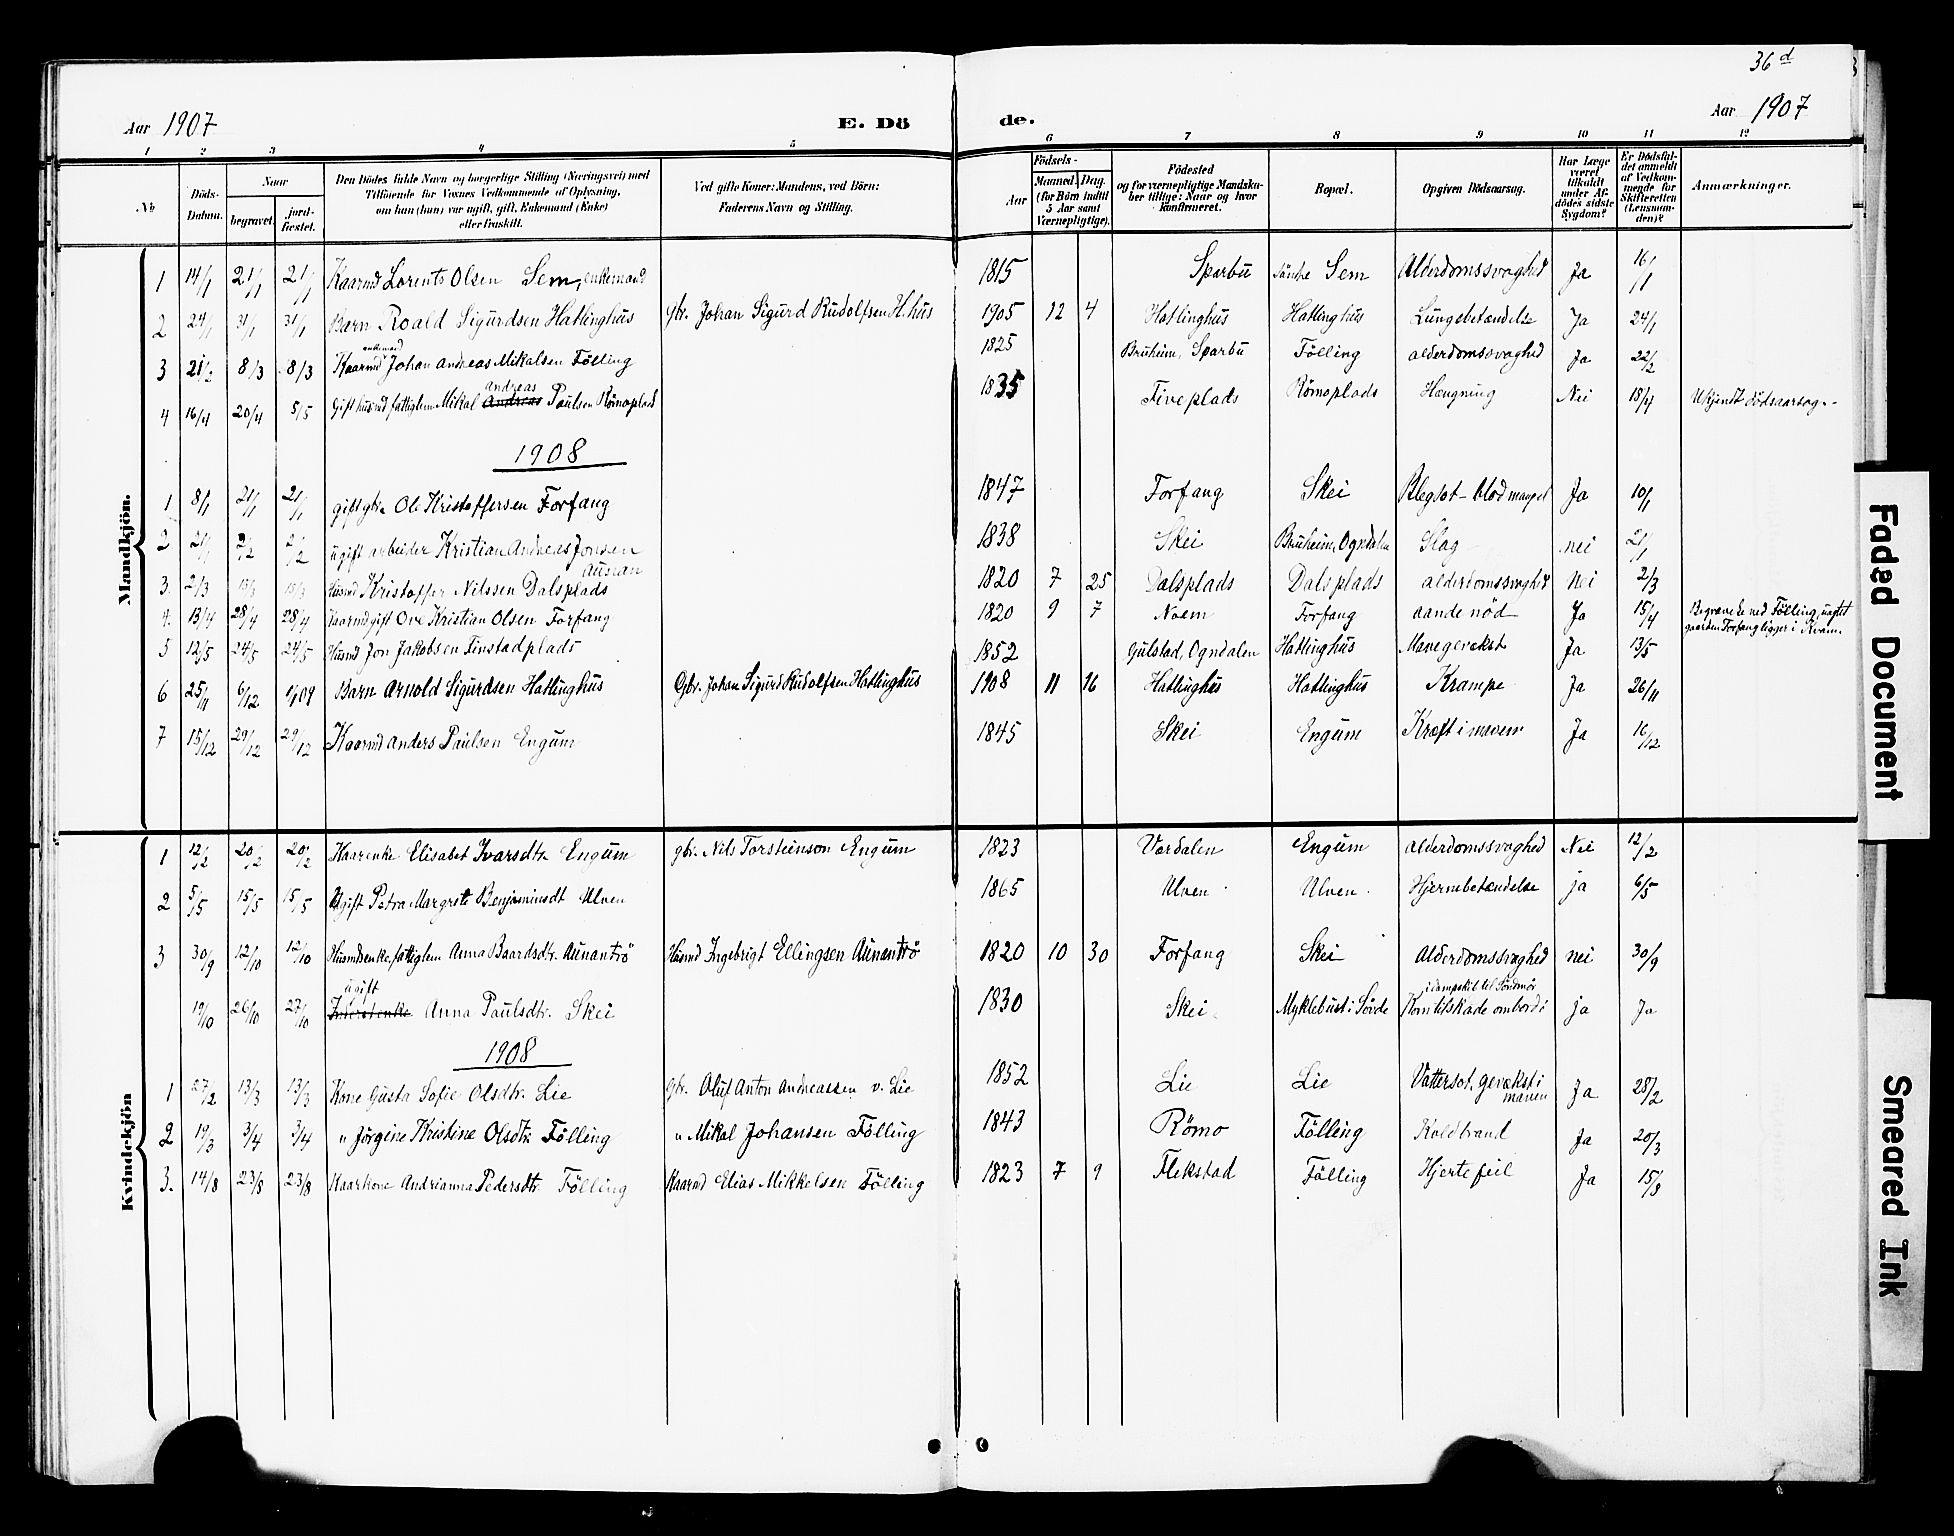 SAT, Ministerialprotokoller, klokkerbøker og fødselsregistre - Nord-Trøndelag, 748/L0464: Ministerialbok nr. 748A01, 1900-1908, s. 36d